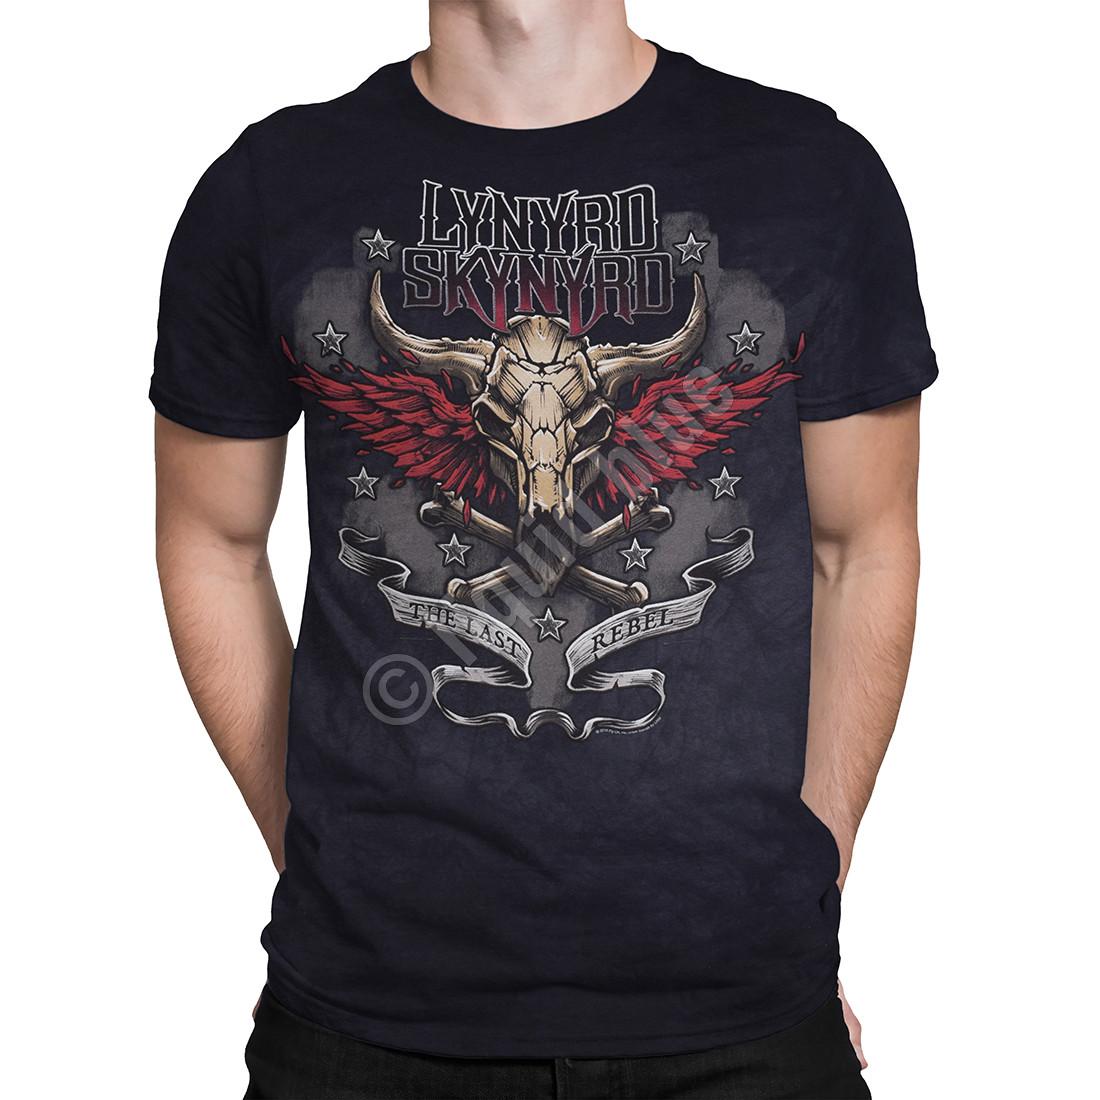 The Last Rebel Tie-Dye T-Shirt